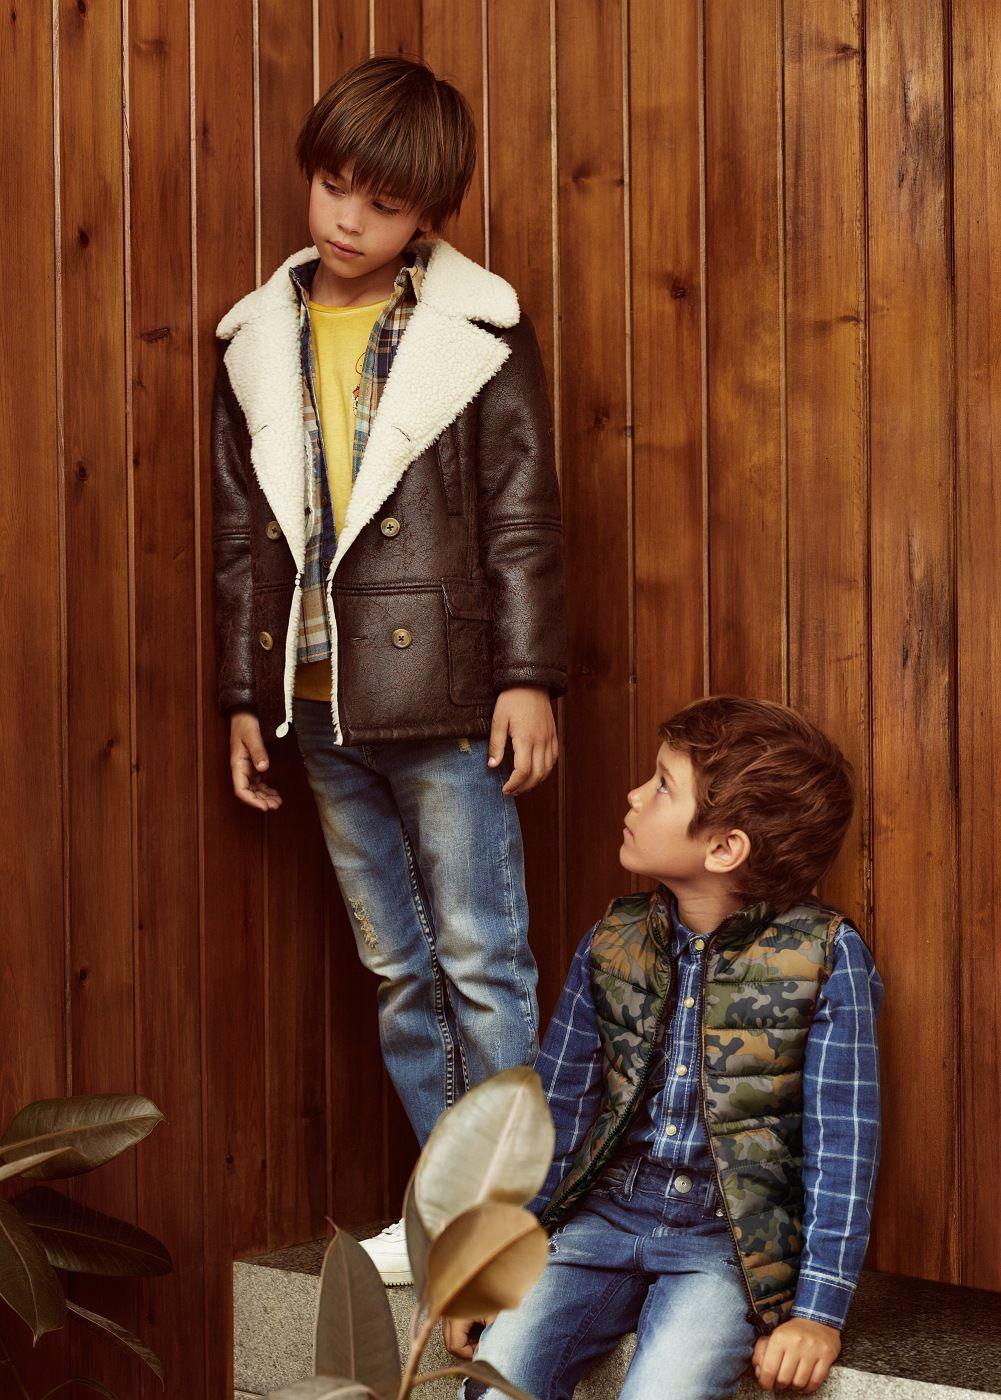 f447c7e86 Faux shearling lining jacket. Faux shearling lining jacket Sherling Coat, Kids  Fashion Boy ...